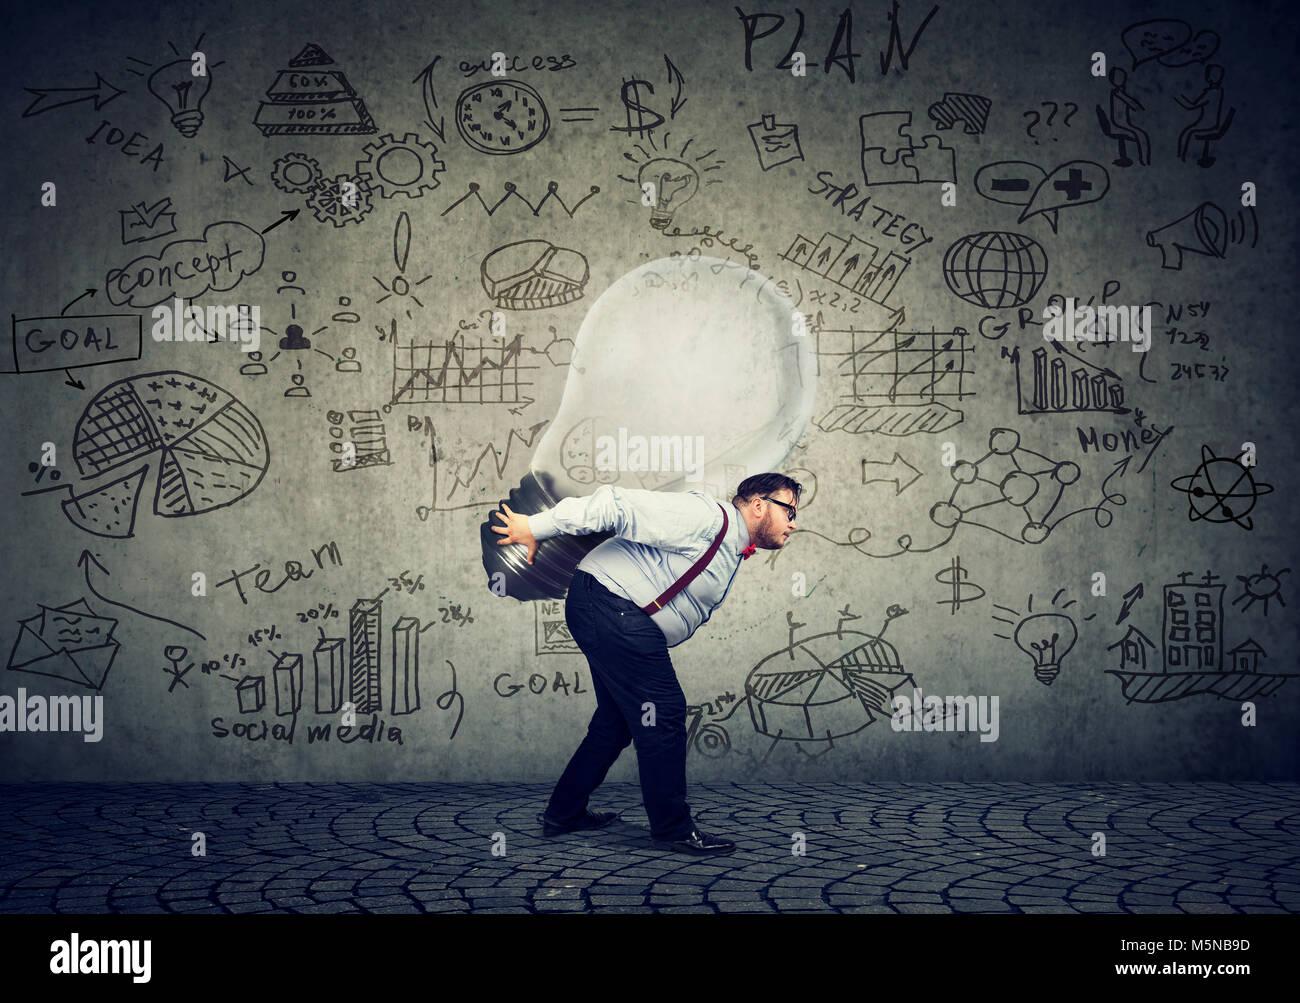 Chubby hombre de negocios idea de negocio de transporte en forma de bombilla de luz brillante Imagen De Stock